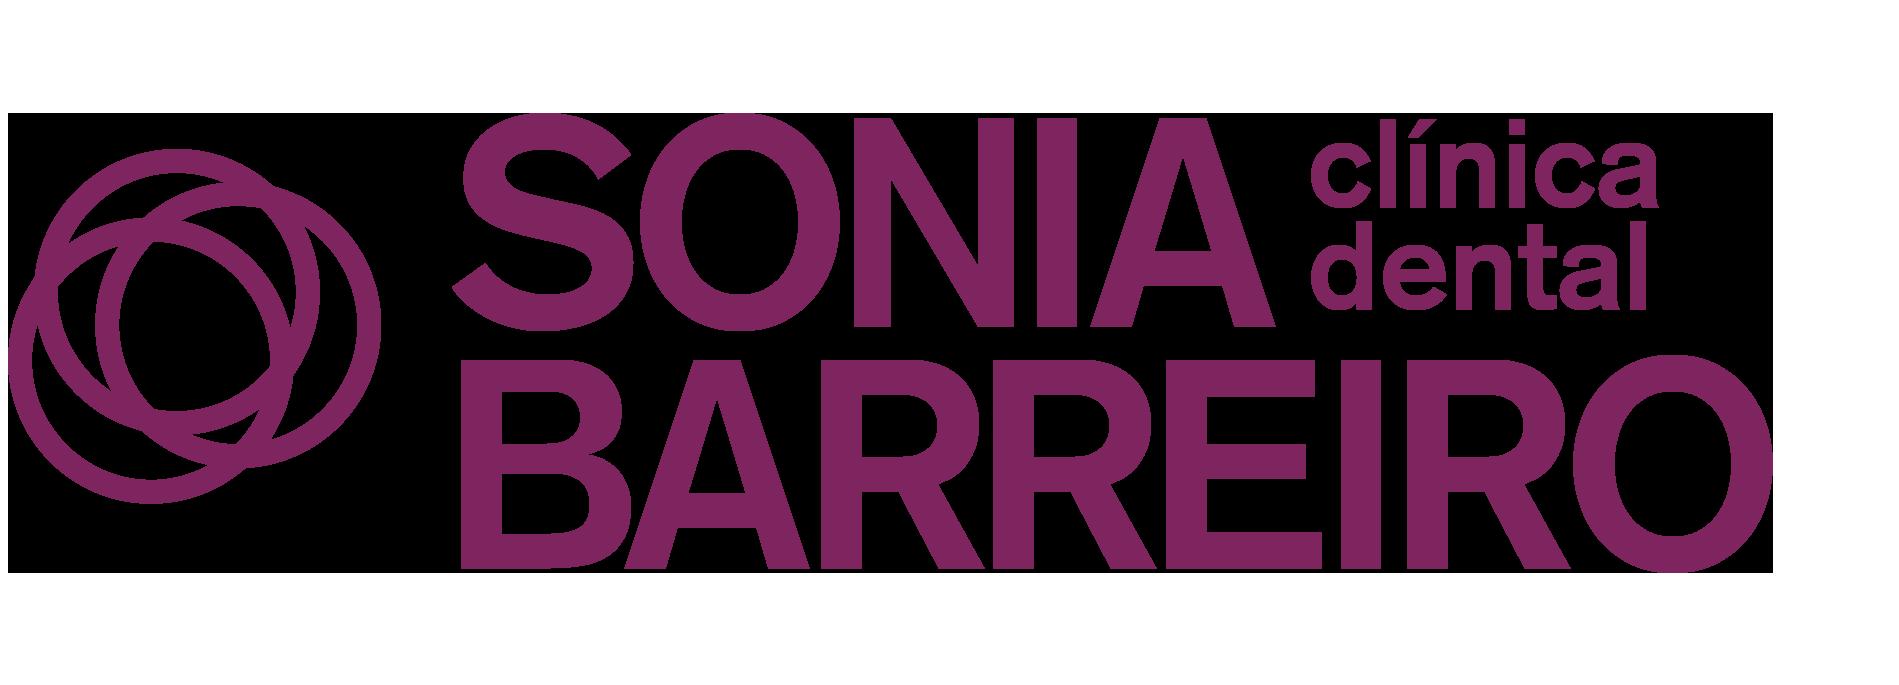 Sonia Barreiro Logo